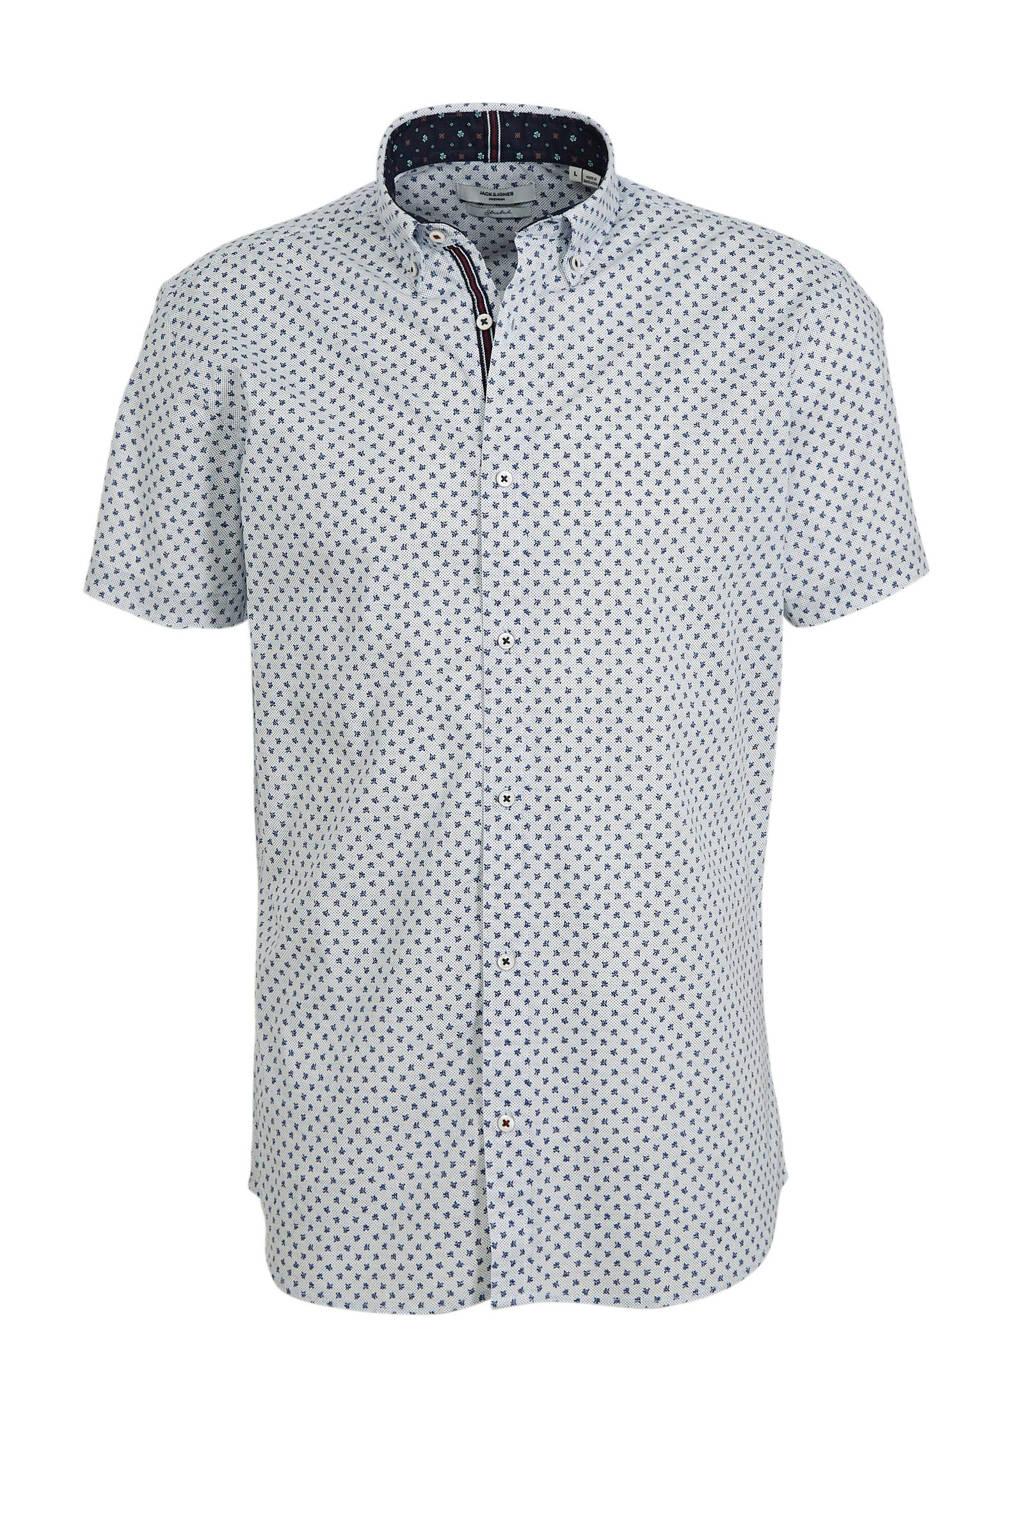 JACK & JONES PREMIUM regular fit overhemd met all over print wit/blauw, Wit/blauw